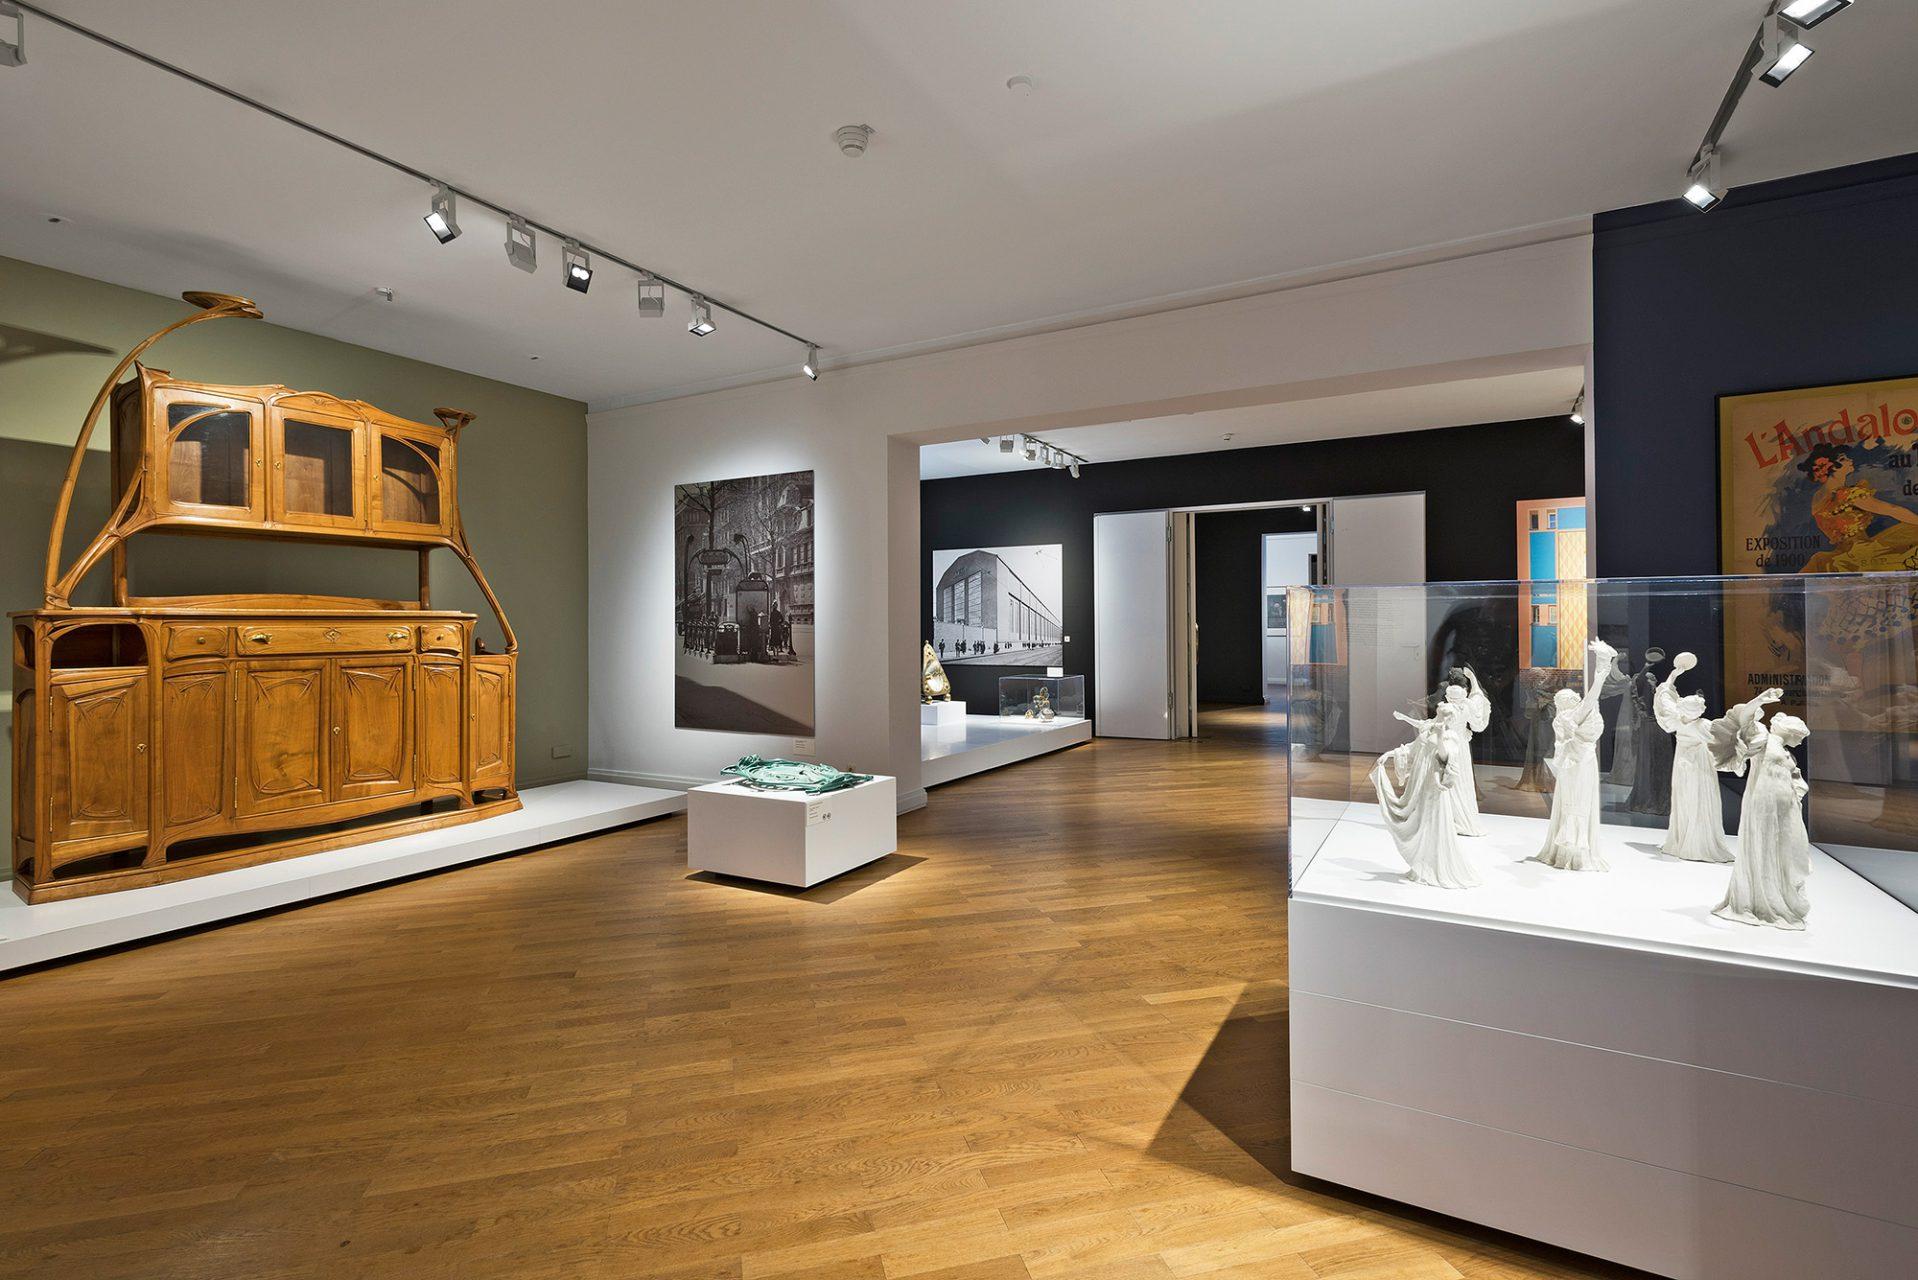 Paris um 1900.  Die französische Hauptstadt war um die Jahrhundertwende eine der wichtigsten Kulturmetropolen der Welt. Der Art nouveau, wie hier von Hector Guimard (1867–1942), setzte seine ästhetischen Maßstäbe.